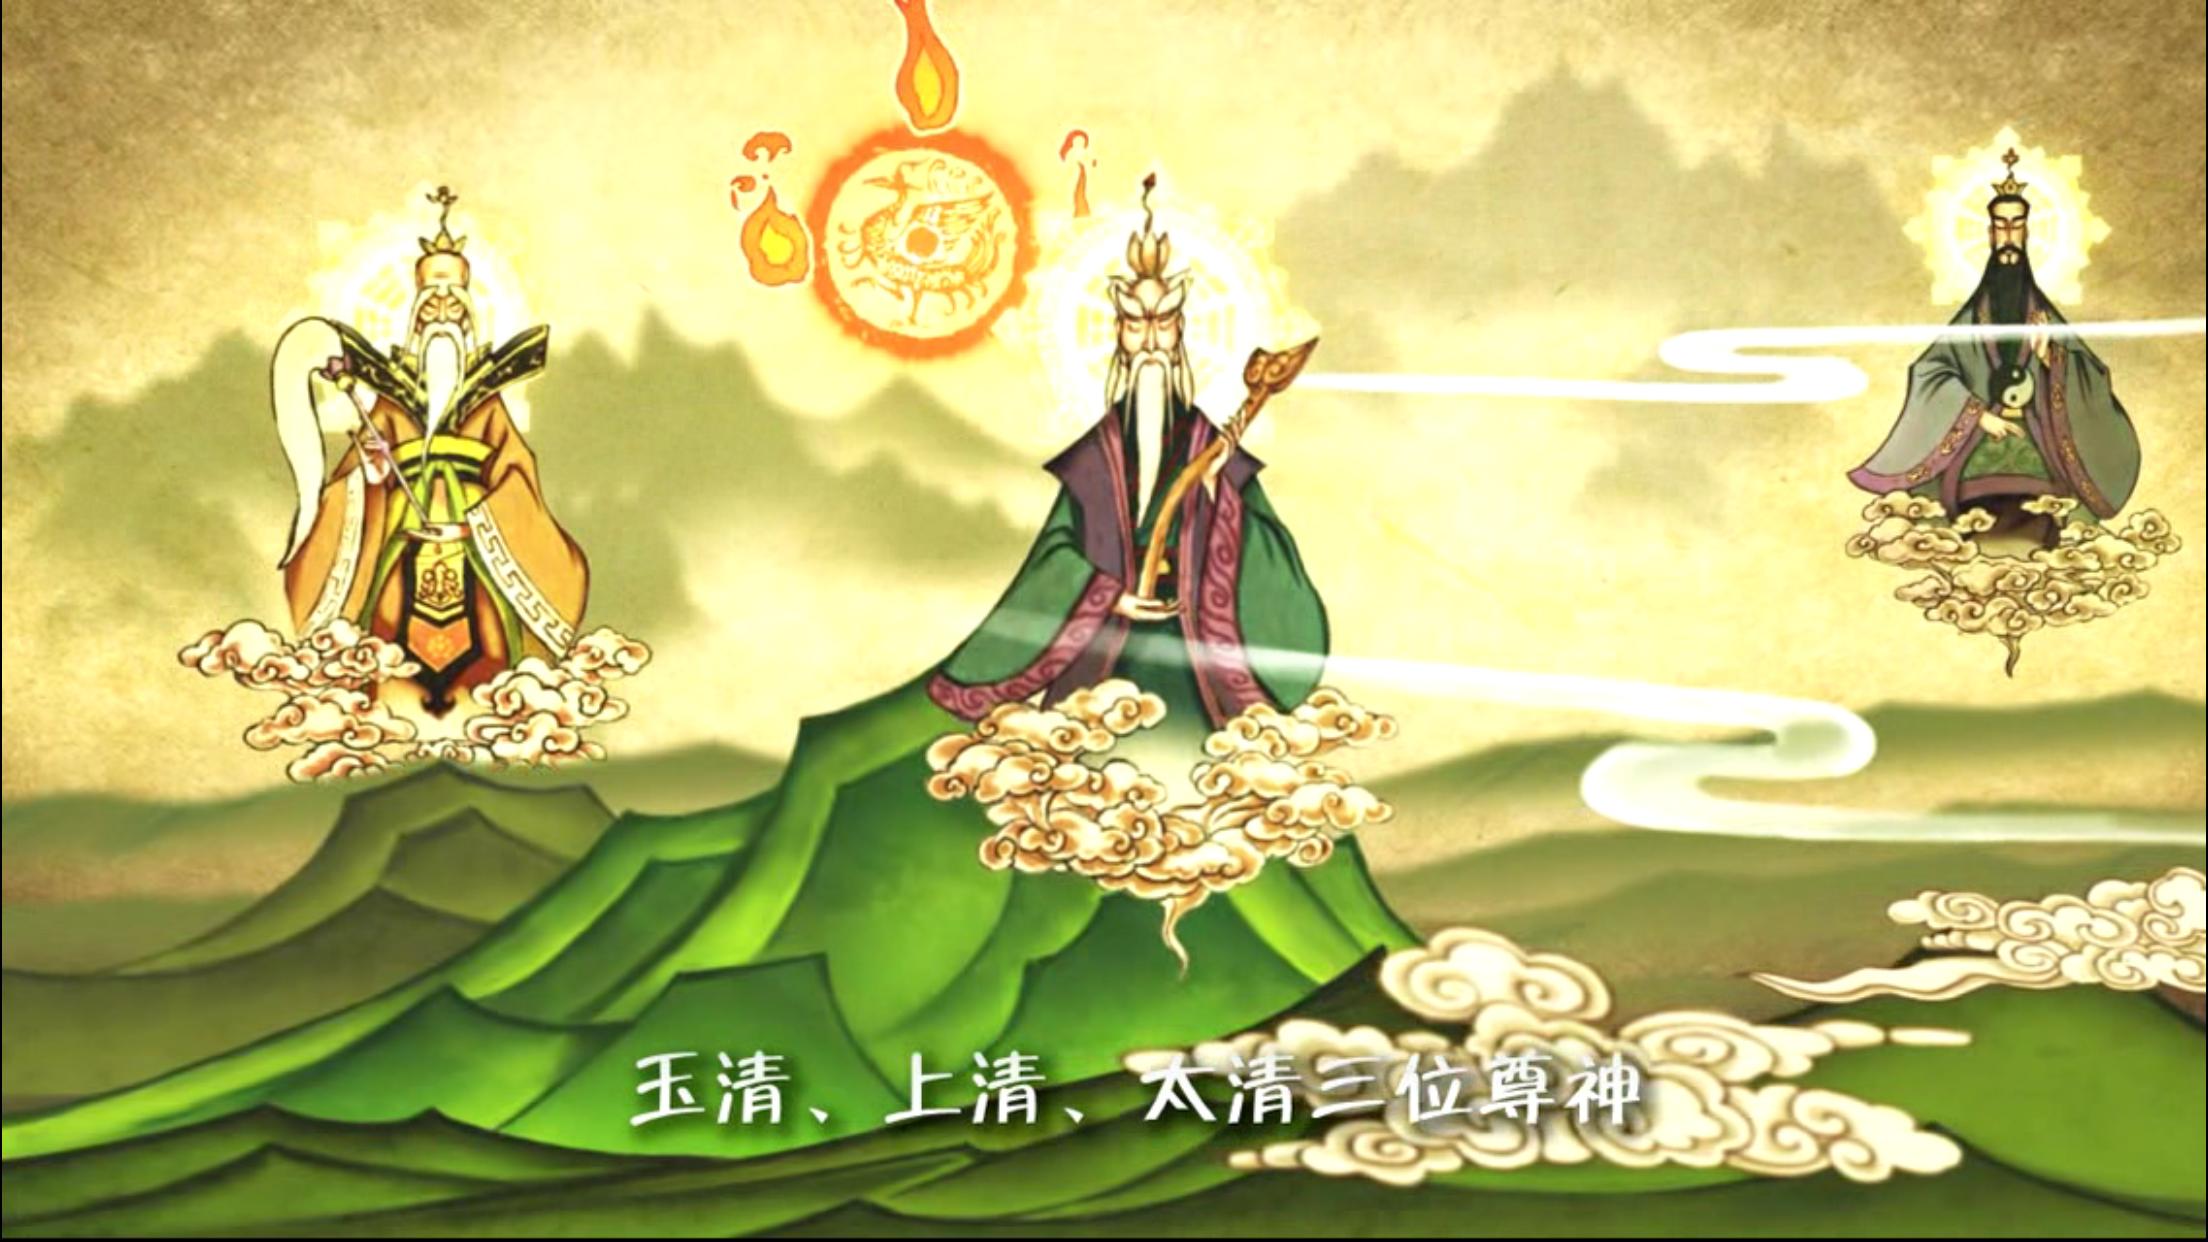 《寻仙》腾讯首款神话飞仙手游40